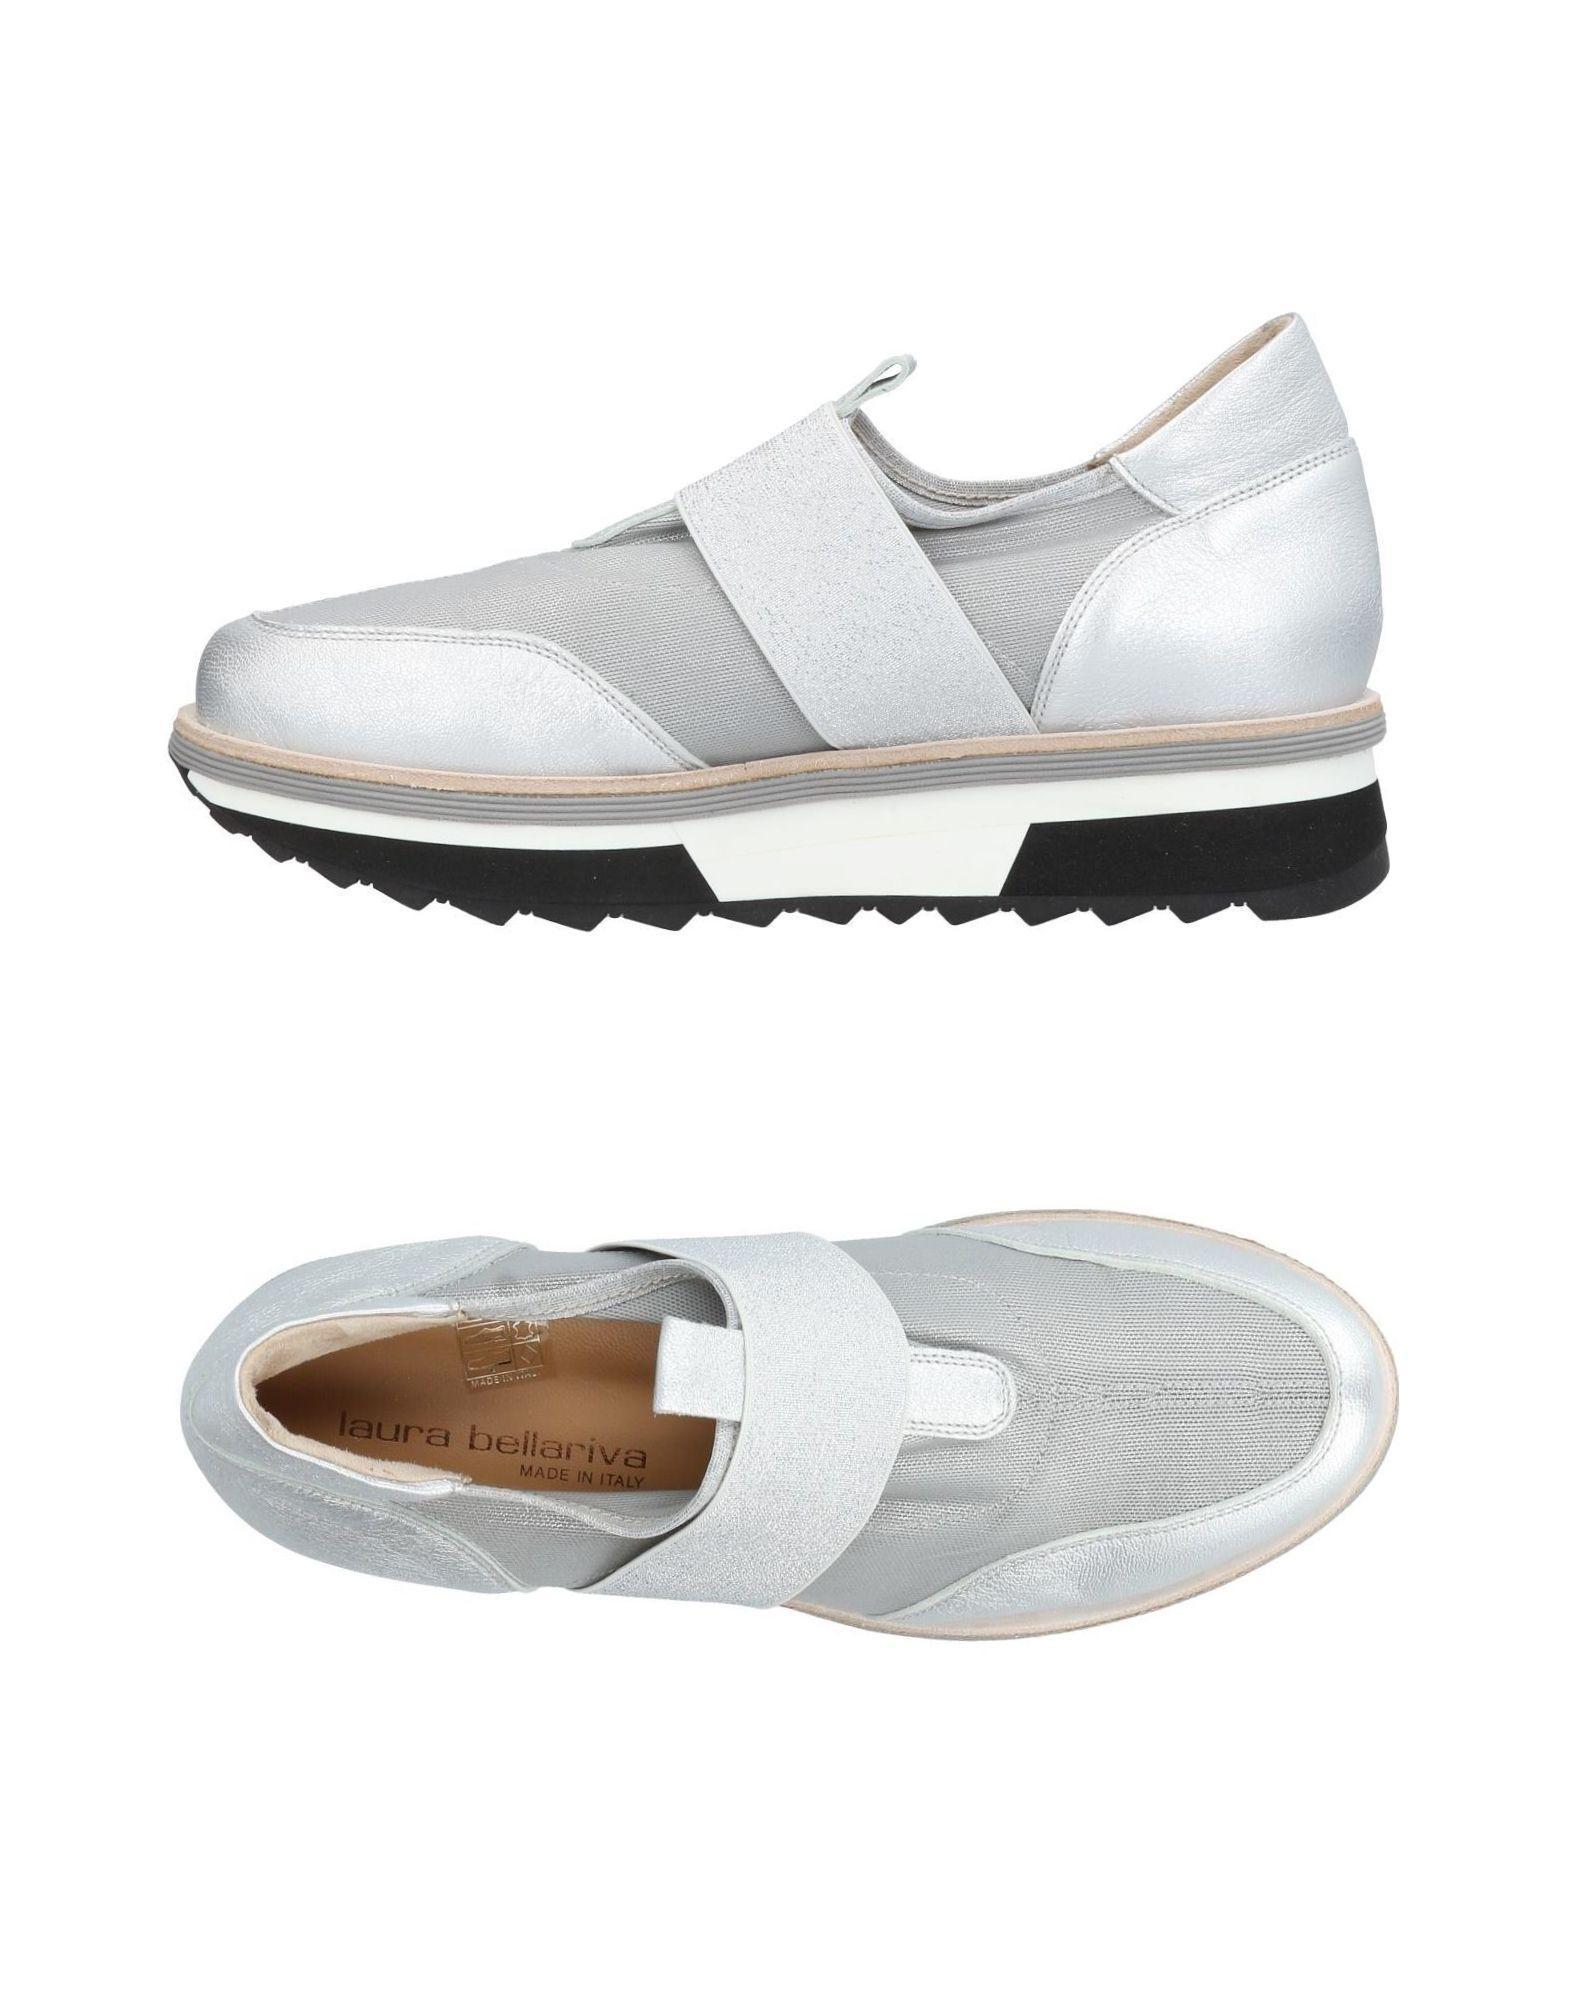 Laura Bellariva-tops Et Hauts Chaussures De Sport mRDoXjbQt5